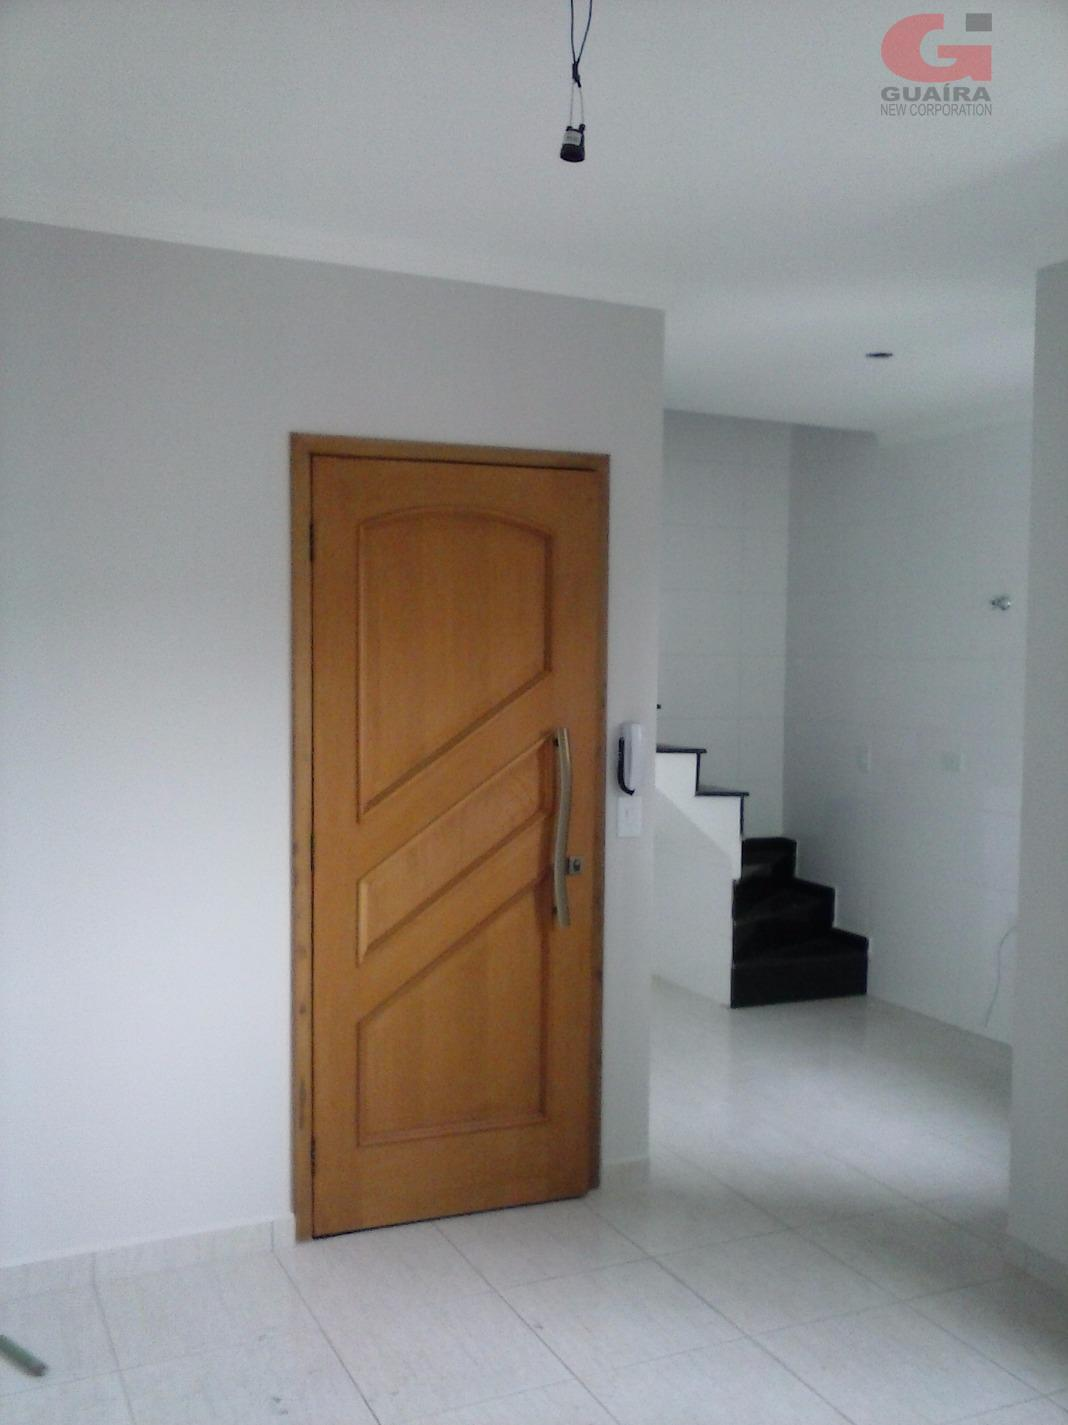 Cobertura de 2 dormitórios à venda em Vila Scarpelli, Santo André - SP